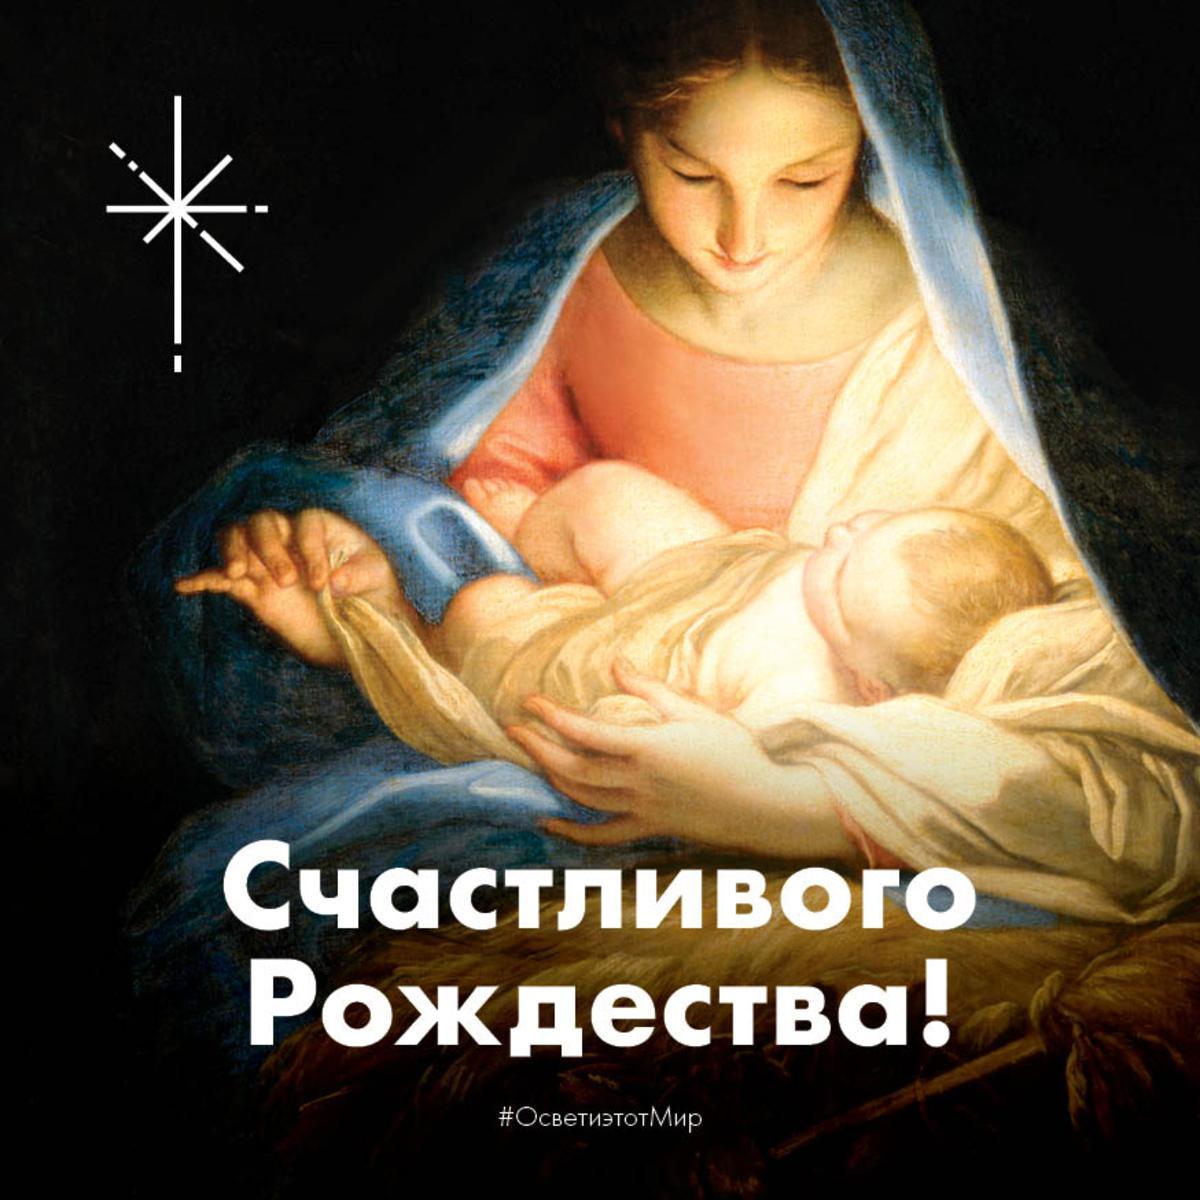 Рождественское изображение 01